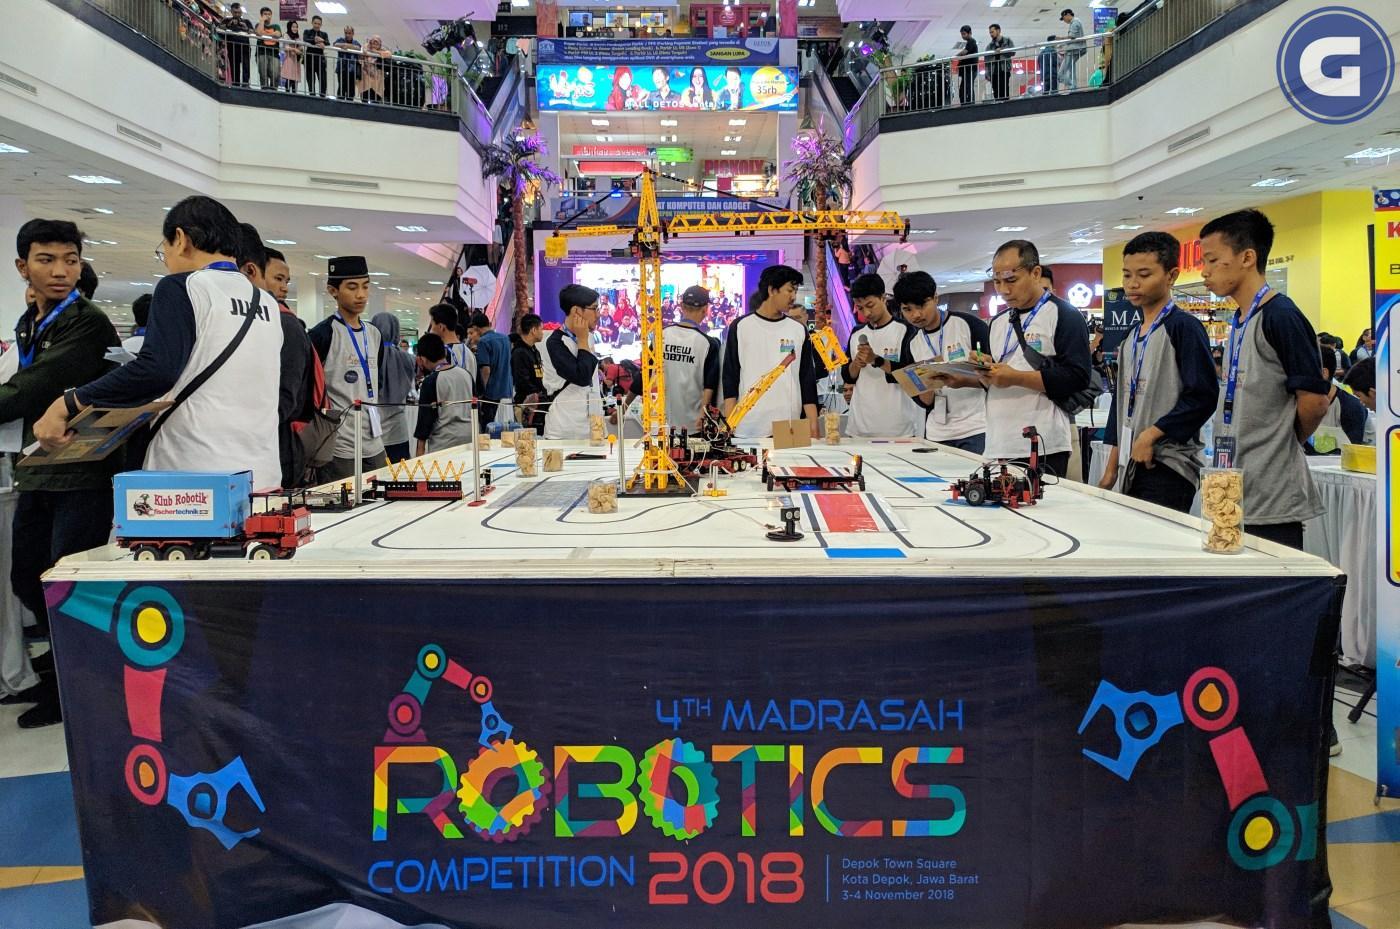 kompetisi robotik madrasah 2018